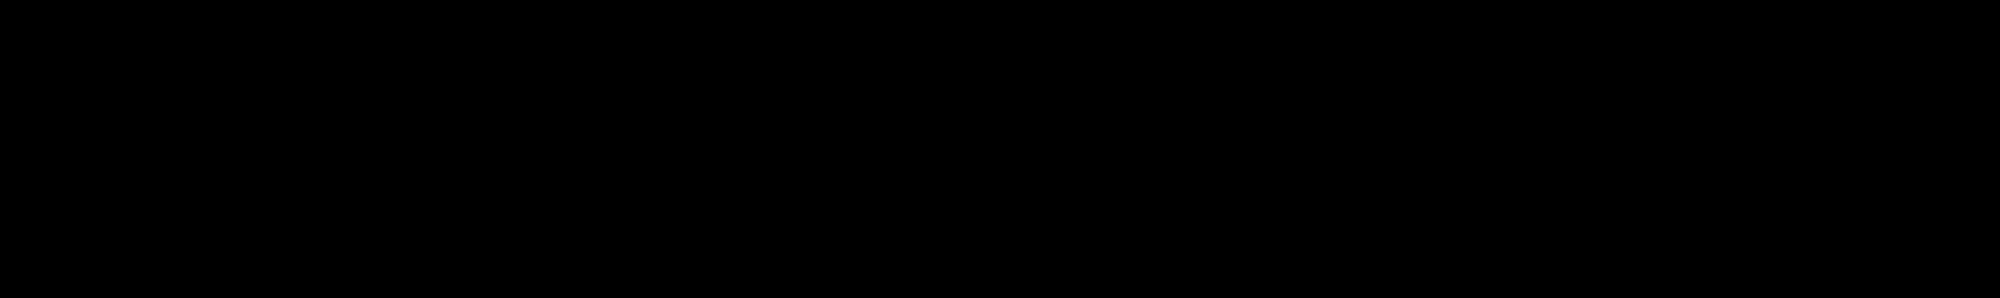 Condé_Nast_logo.png